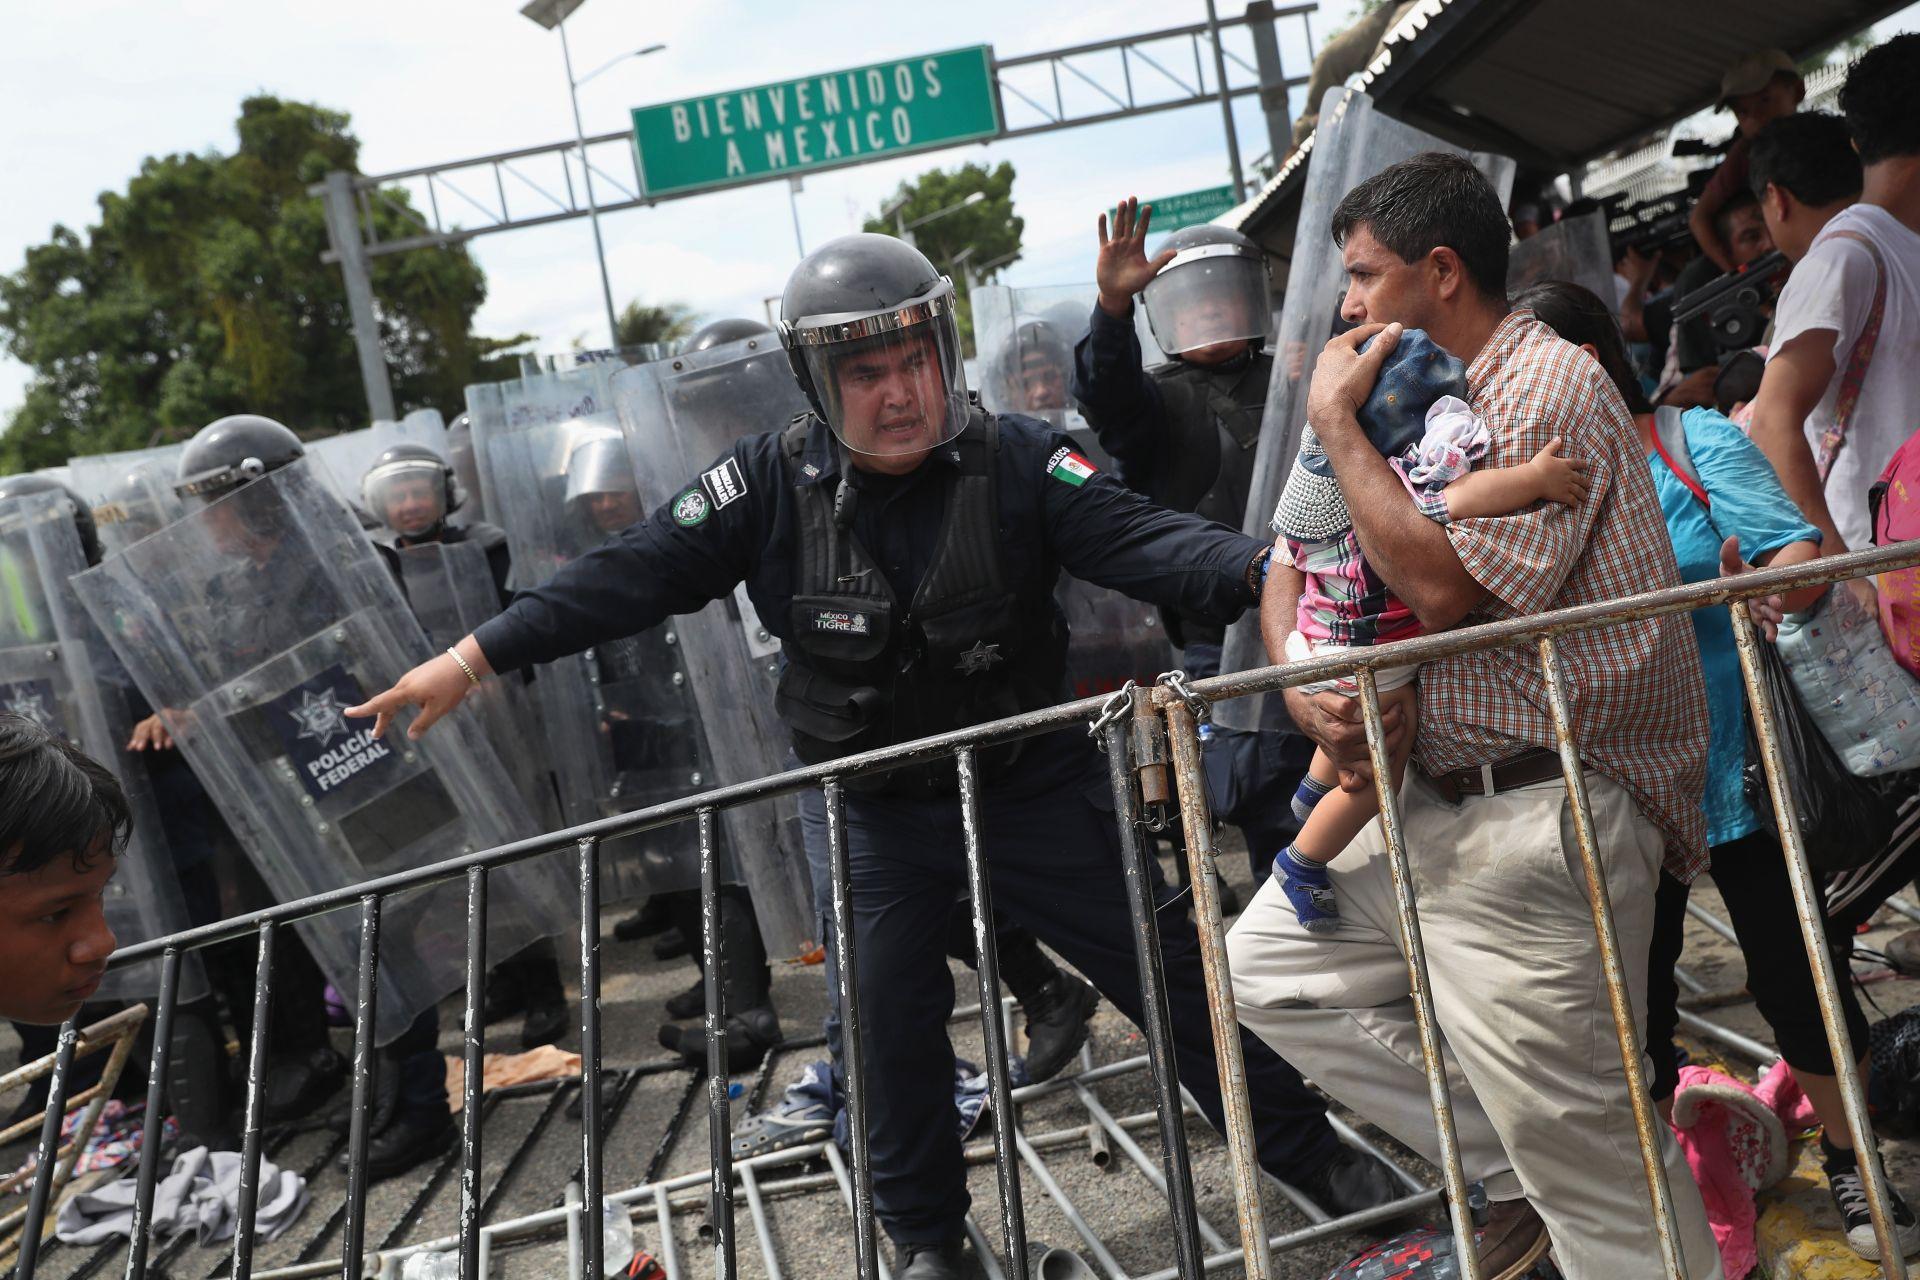 Мексикански полицай за борба с безредиците защитава мигрант с дете по време на сблъсъци между полицията и каравана с мигранти на границата между Мексико и Гватемала на 19 октомври